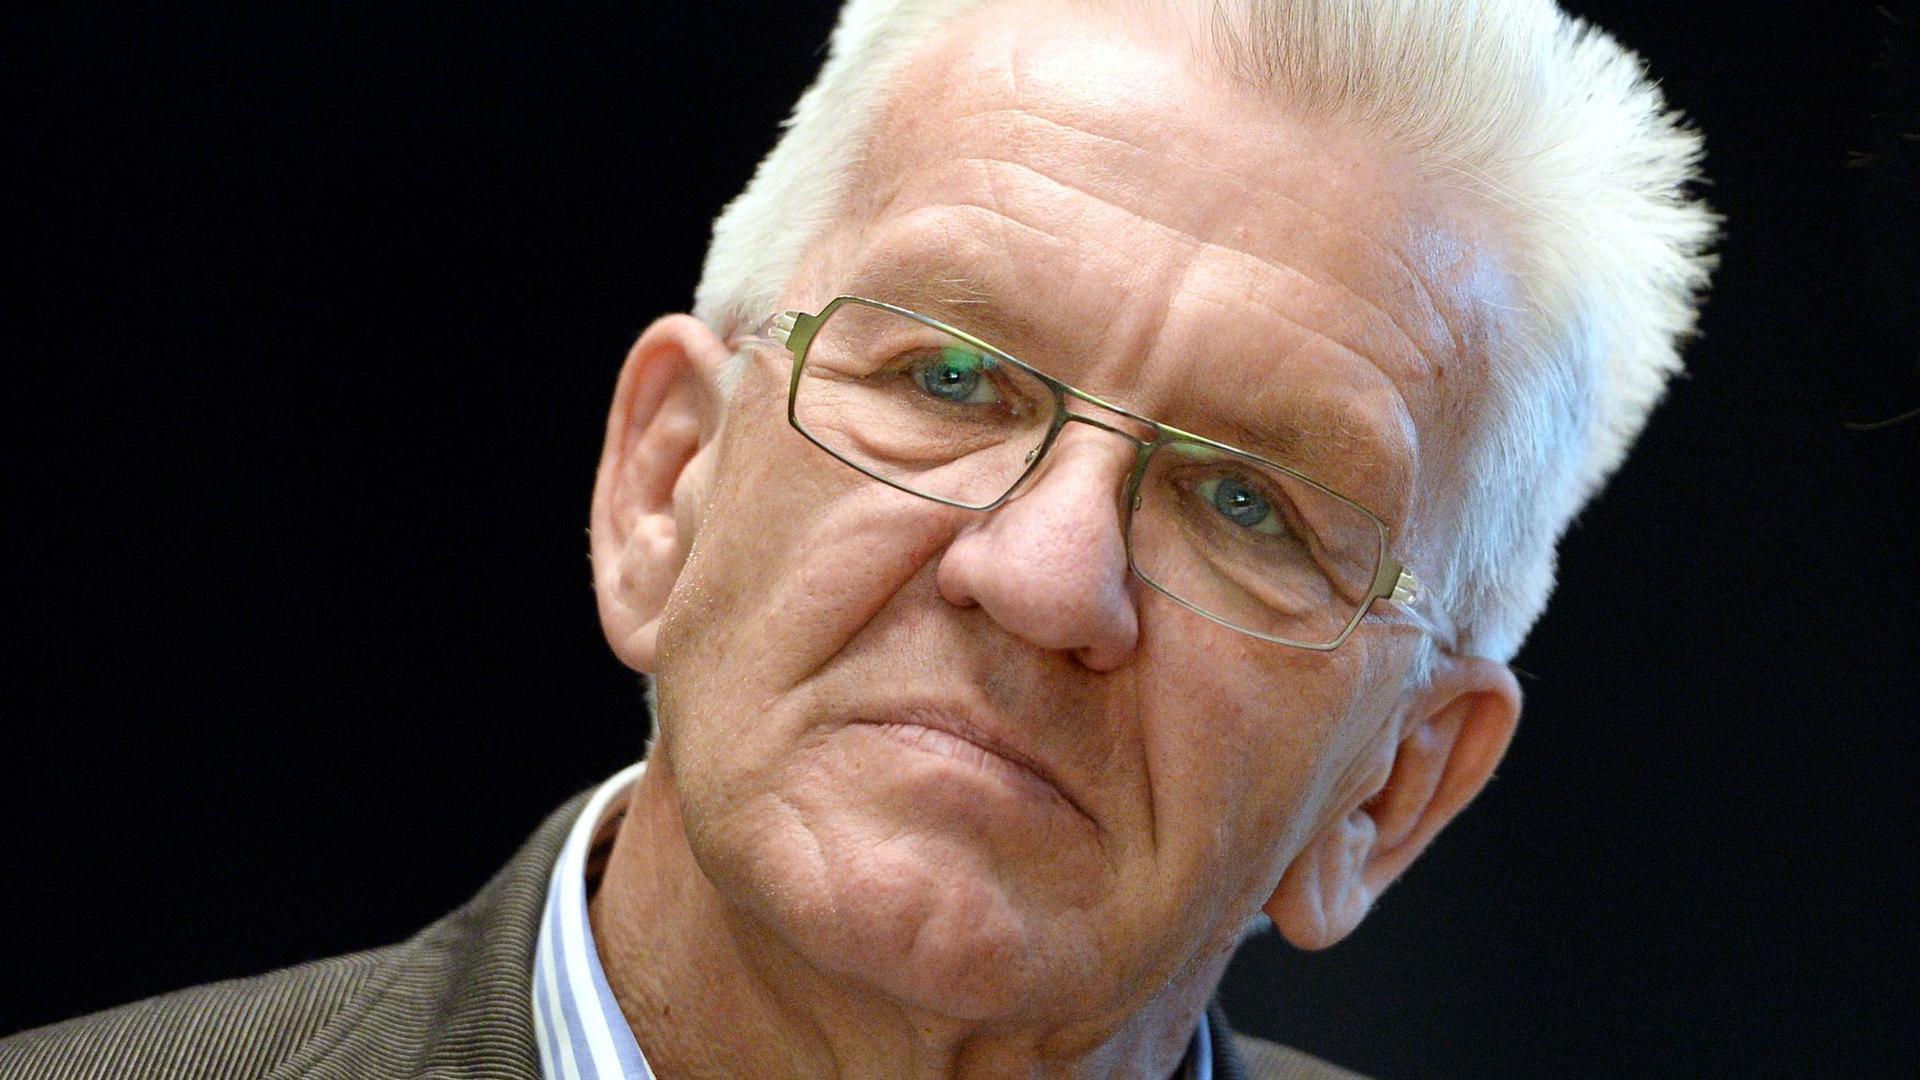 Kretschmann Zeit Der Basta Politik Glucklicherweise Vorbei